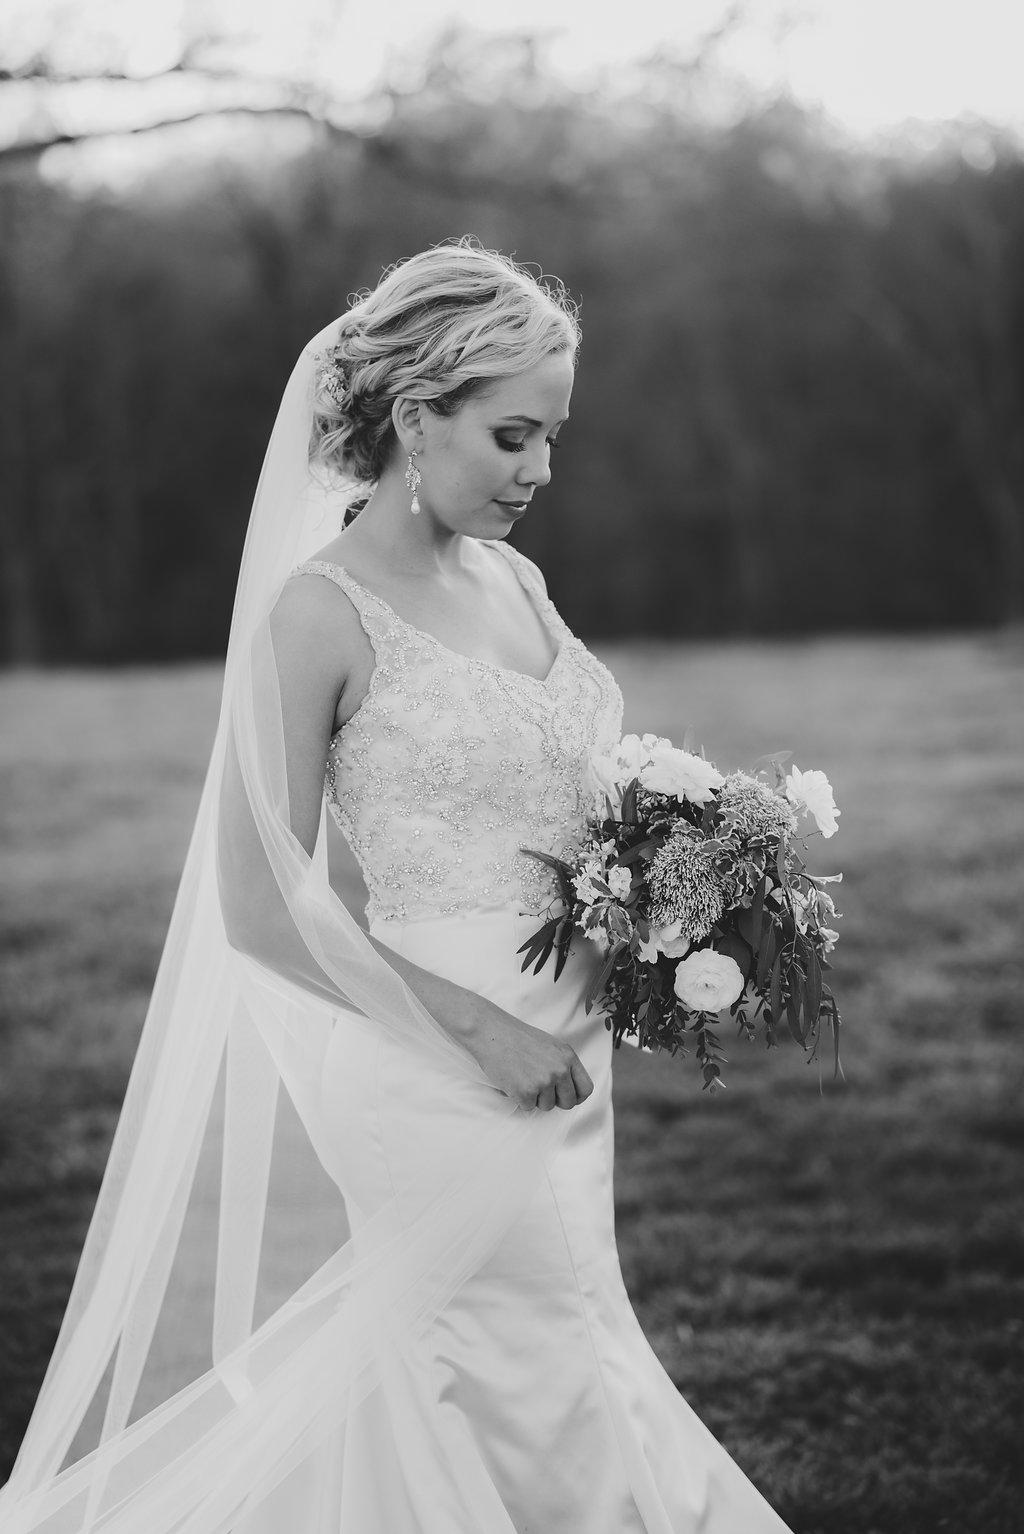 Hallie_bridals-141.jpg